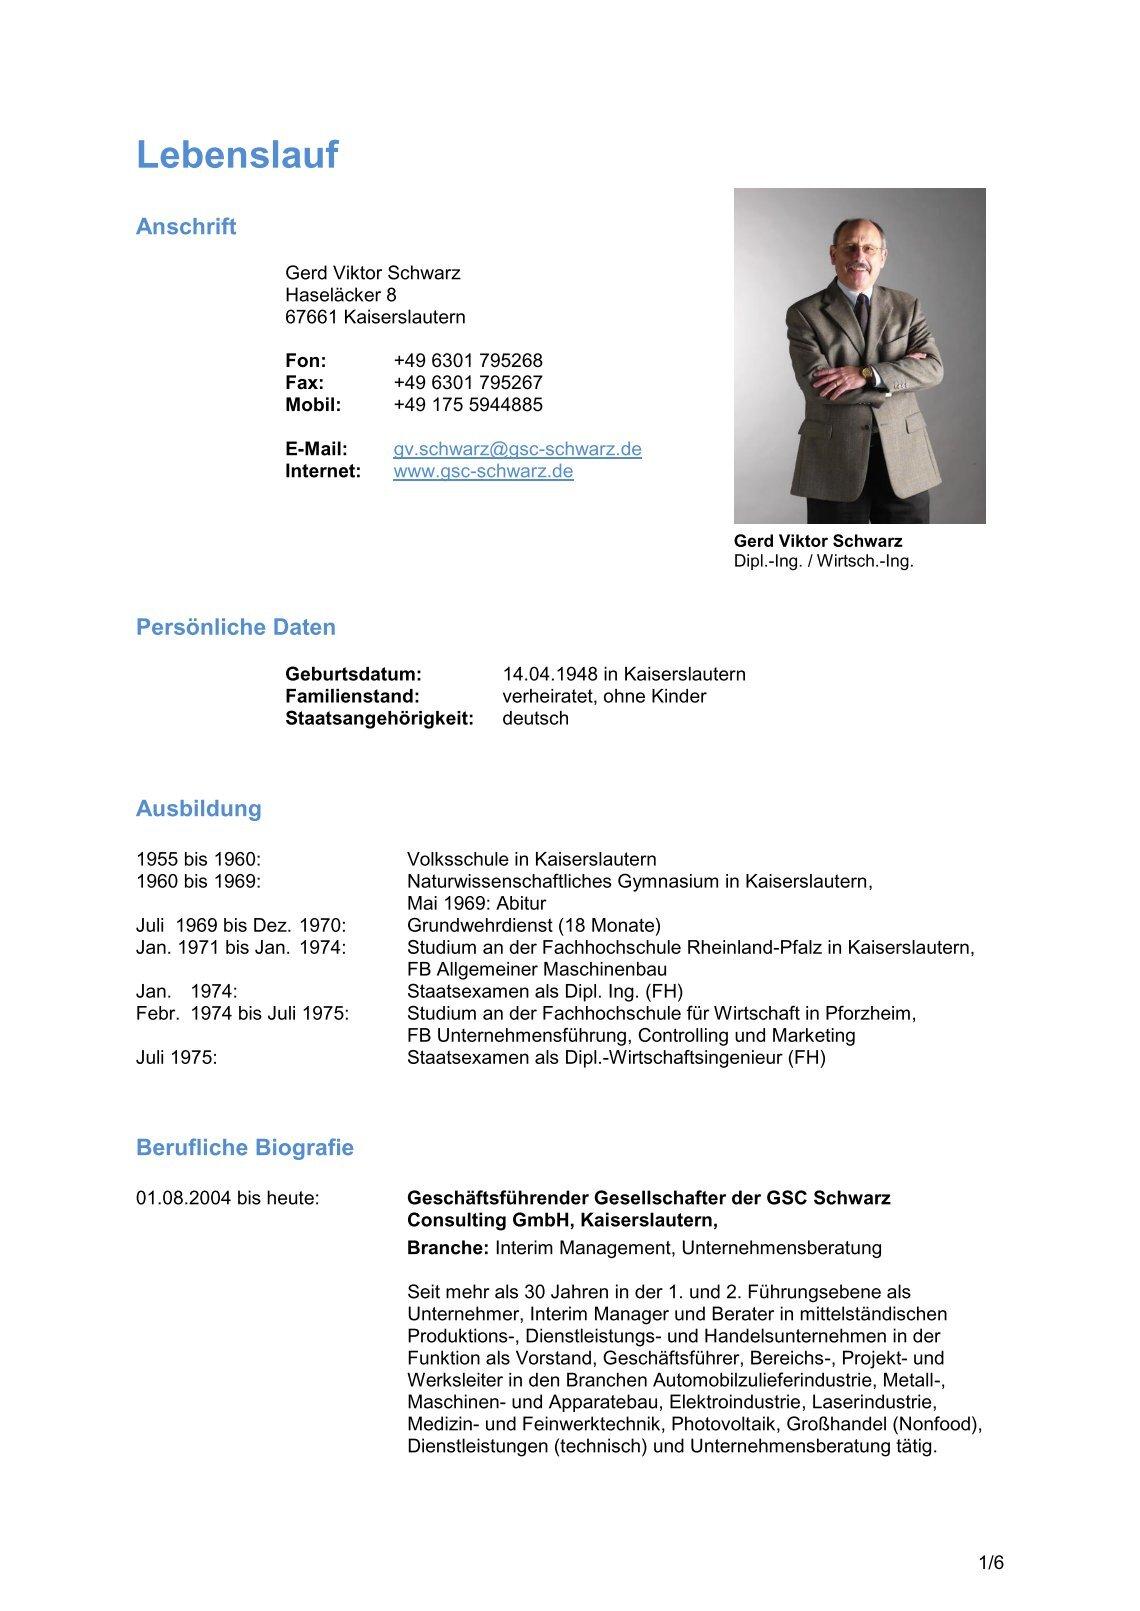 Ausgezeichnet Lebenslauf Coaching Berater Fotos - Beispiel Business ...